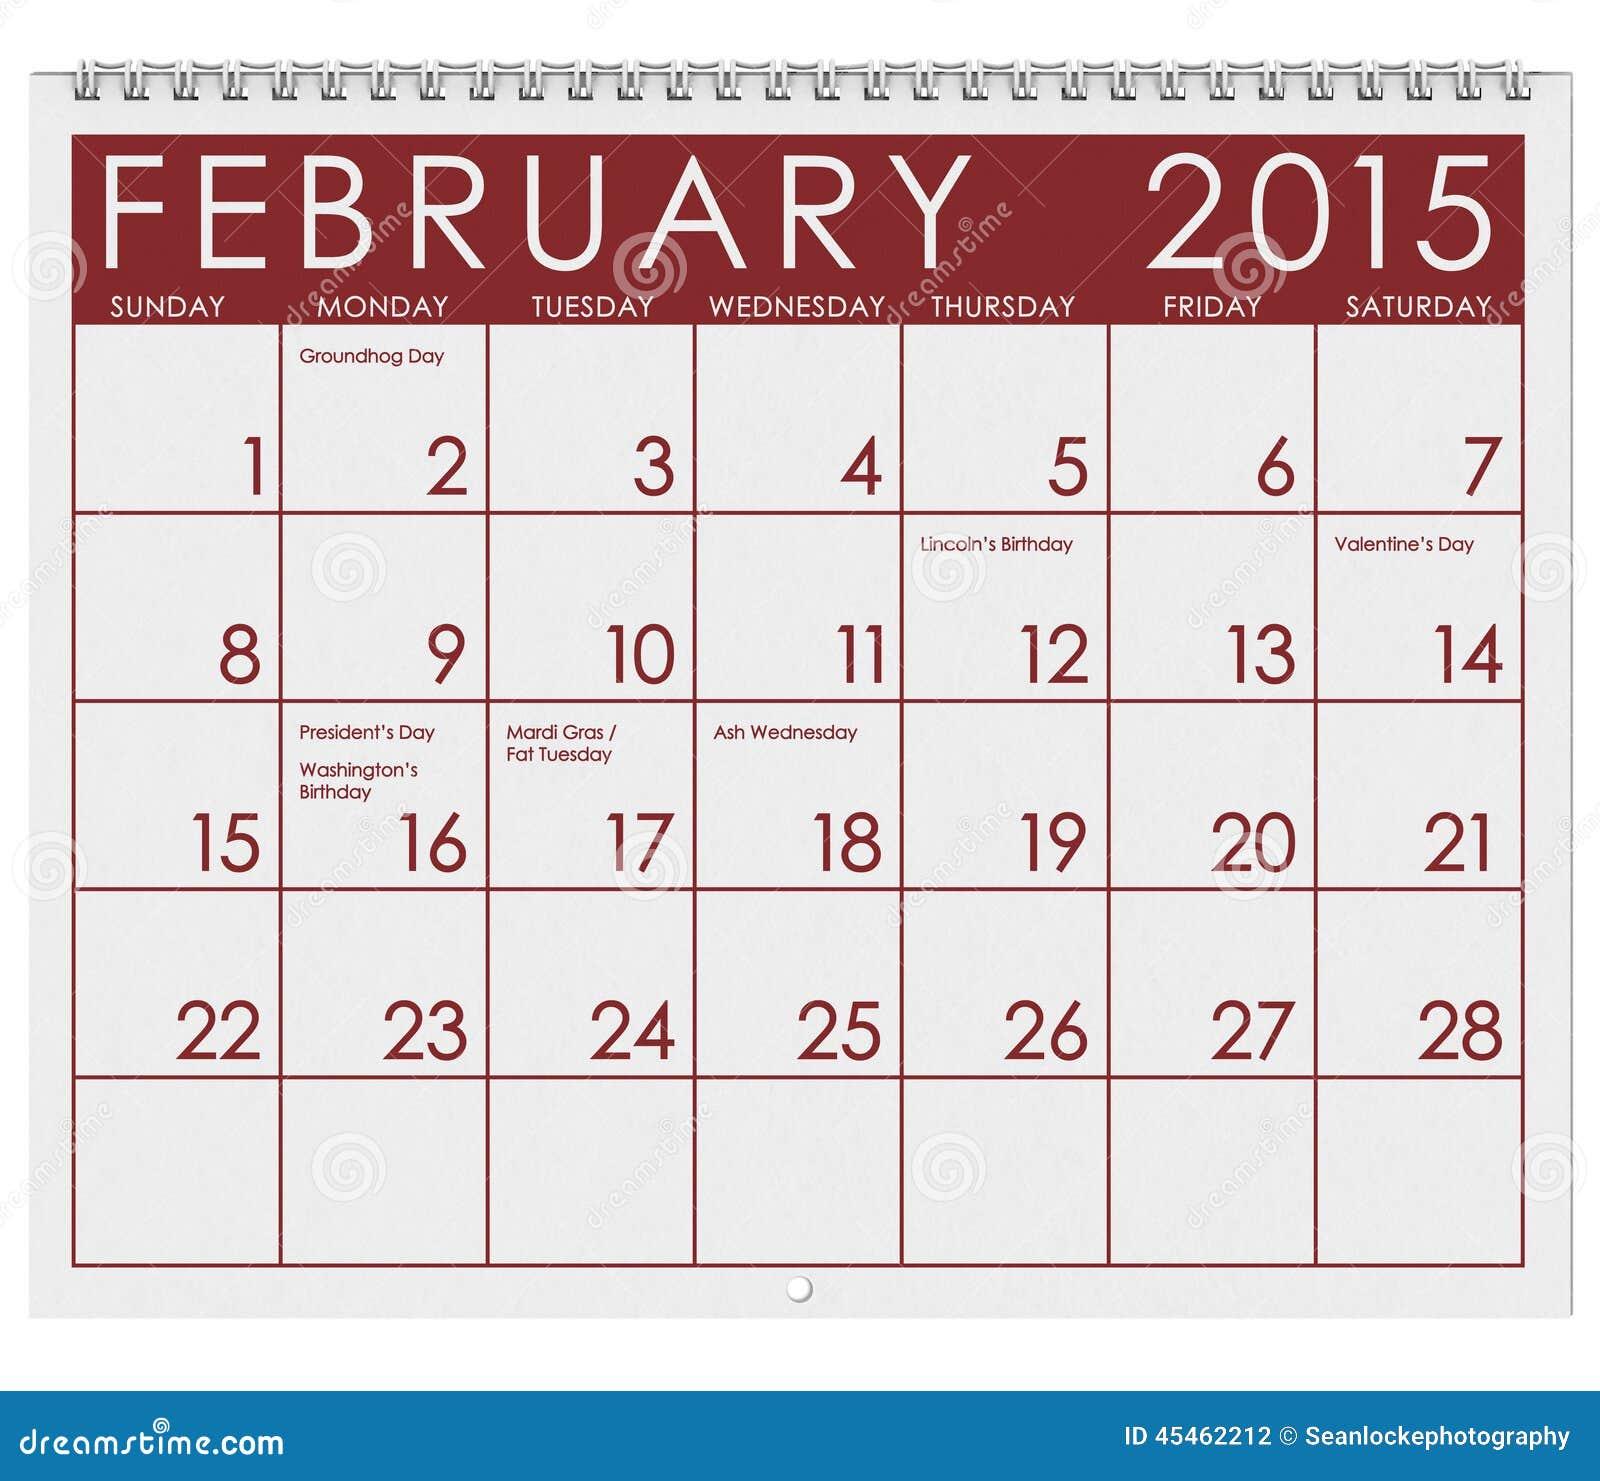 February Calendar Illustration : Calendar month of february stock illustration